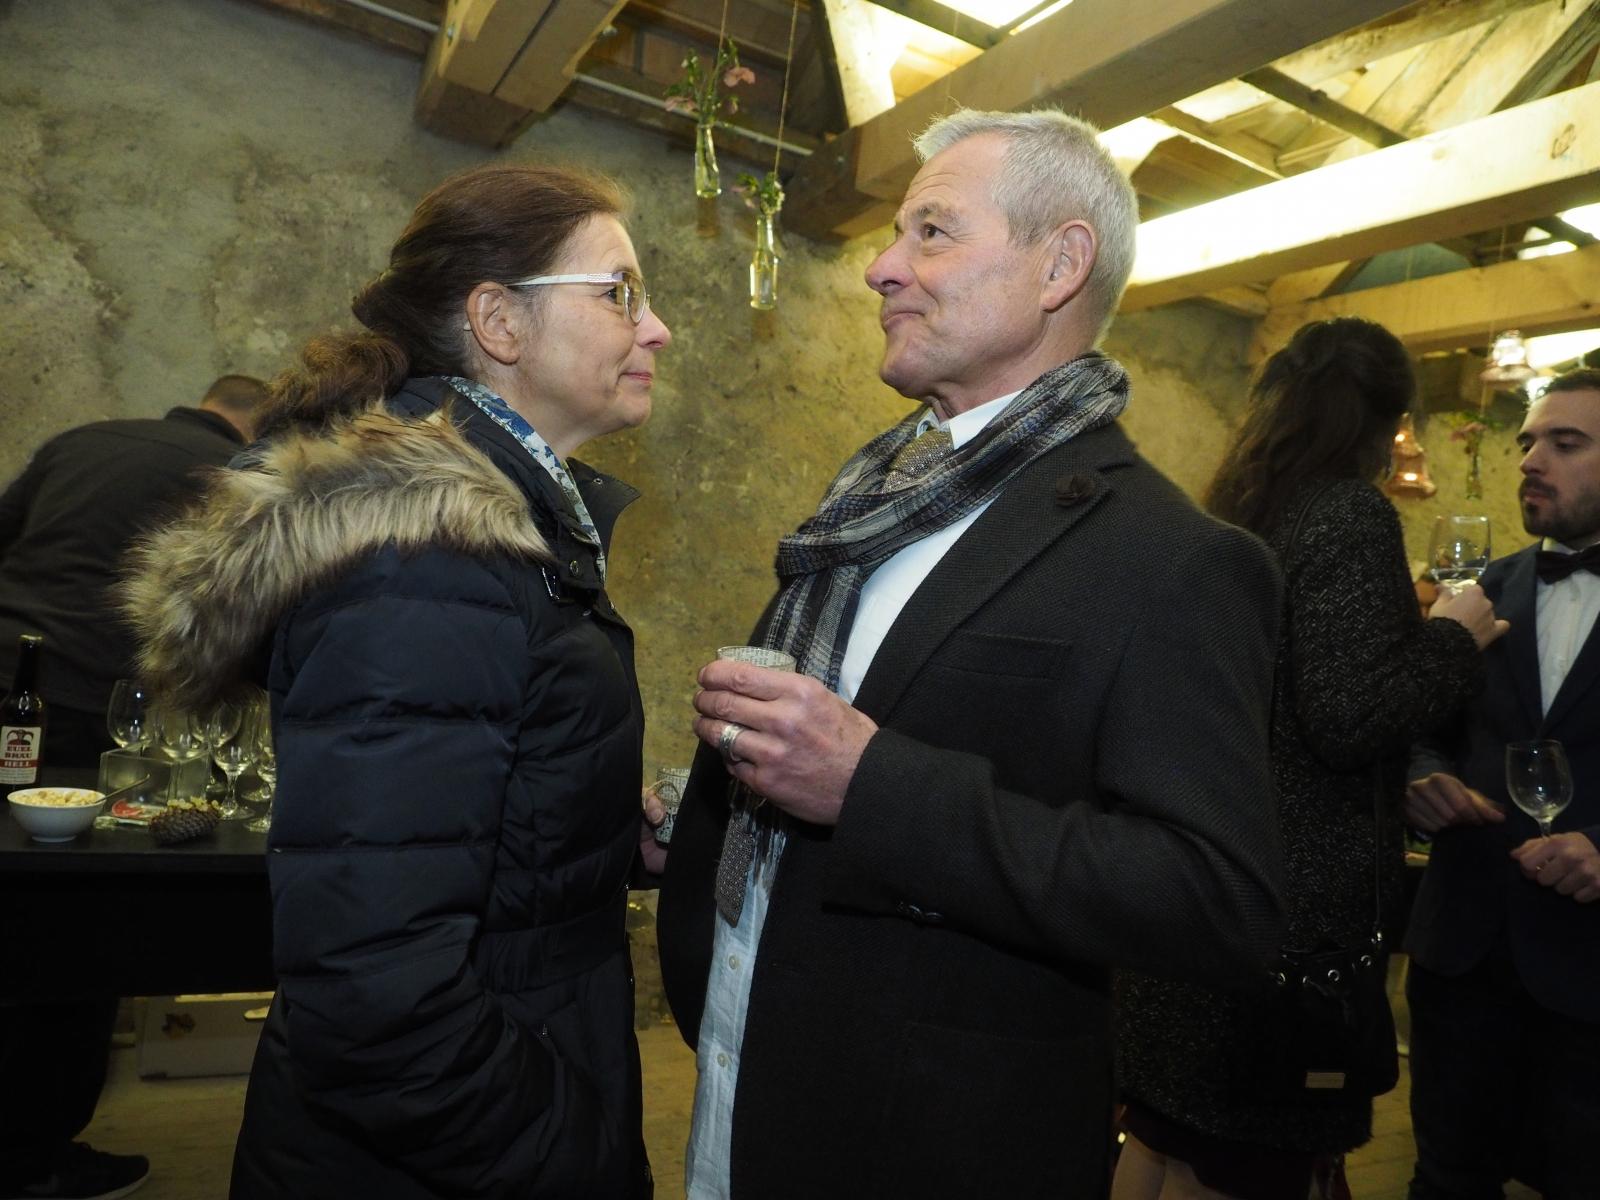 Hochzeitsfest Irène und Frank